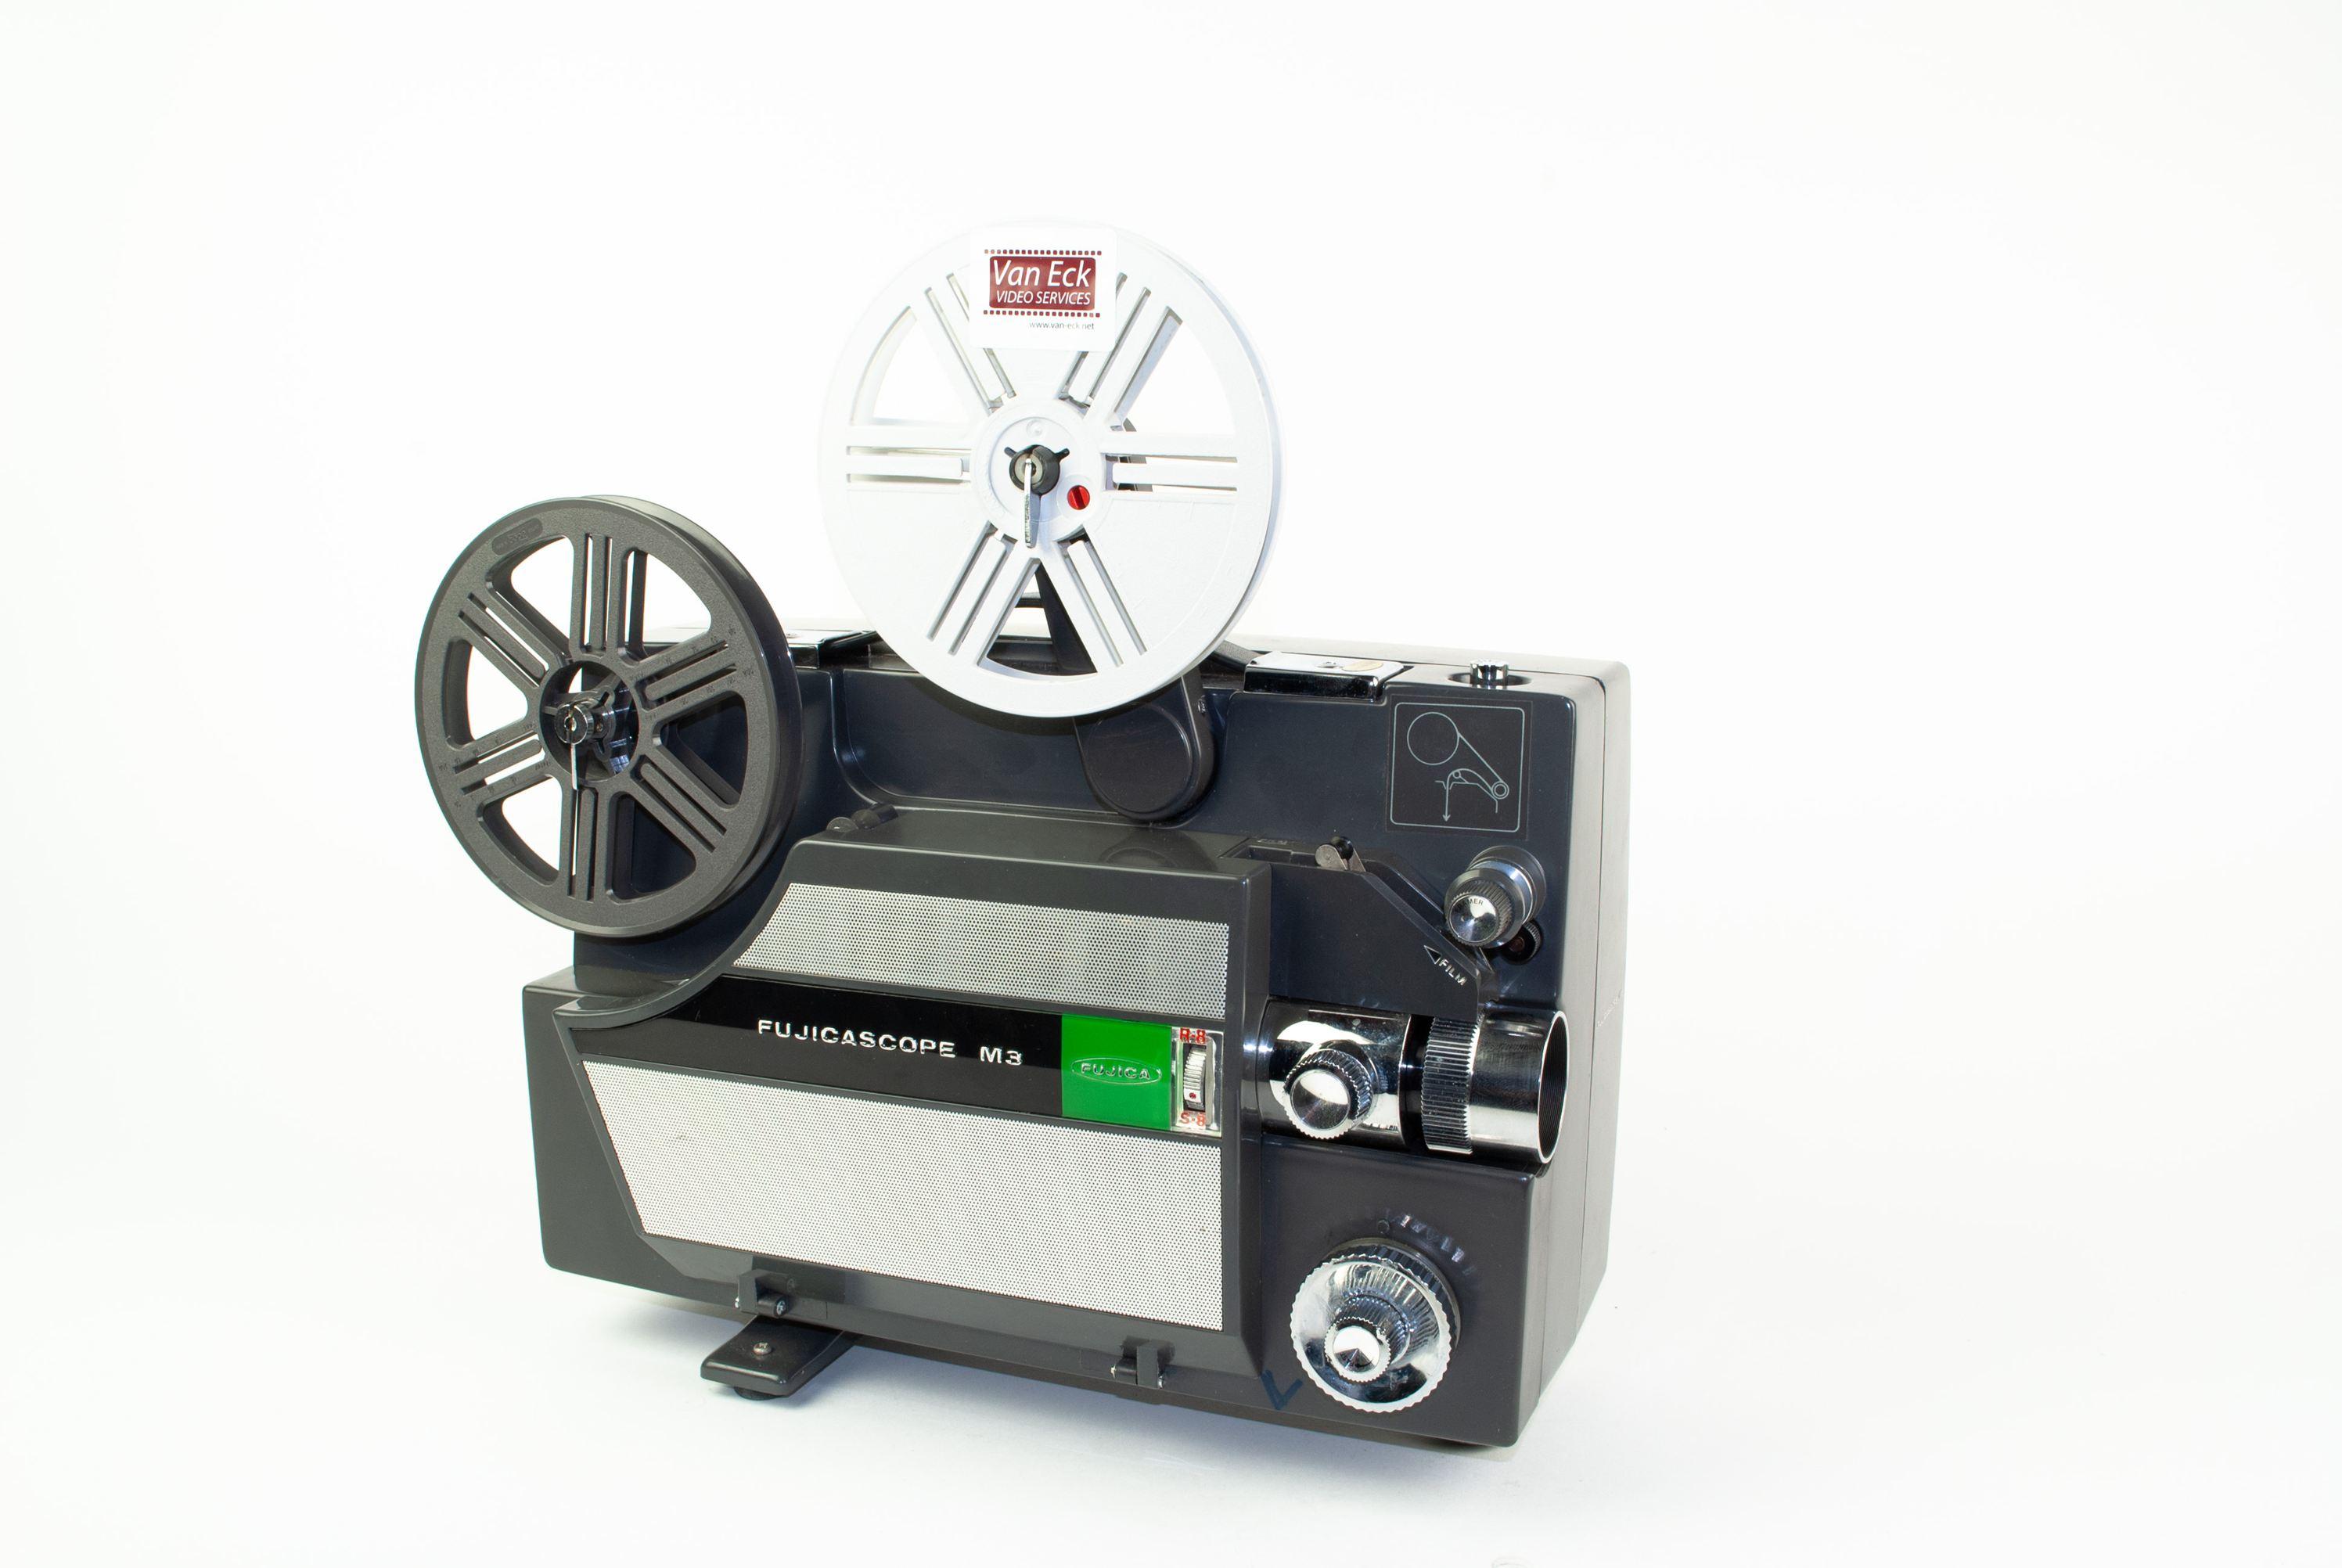 Fujicascope M3